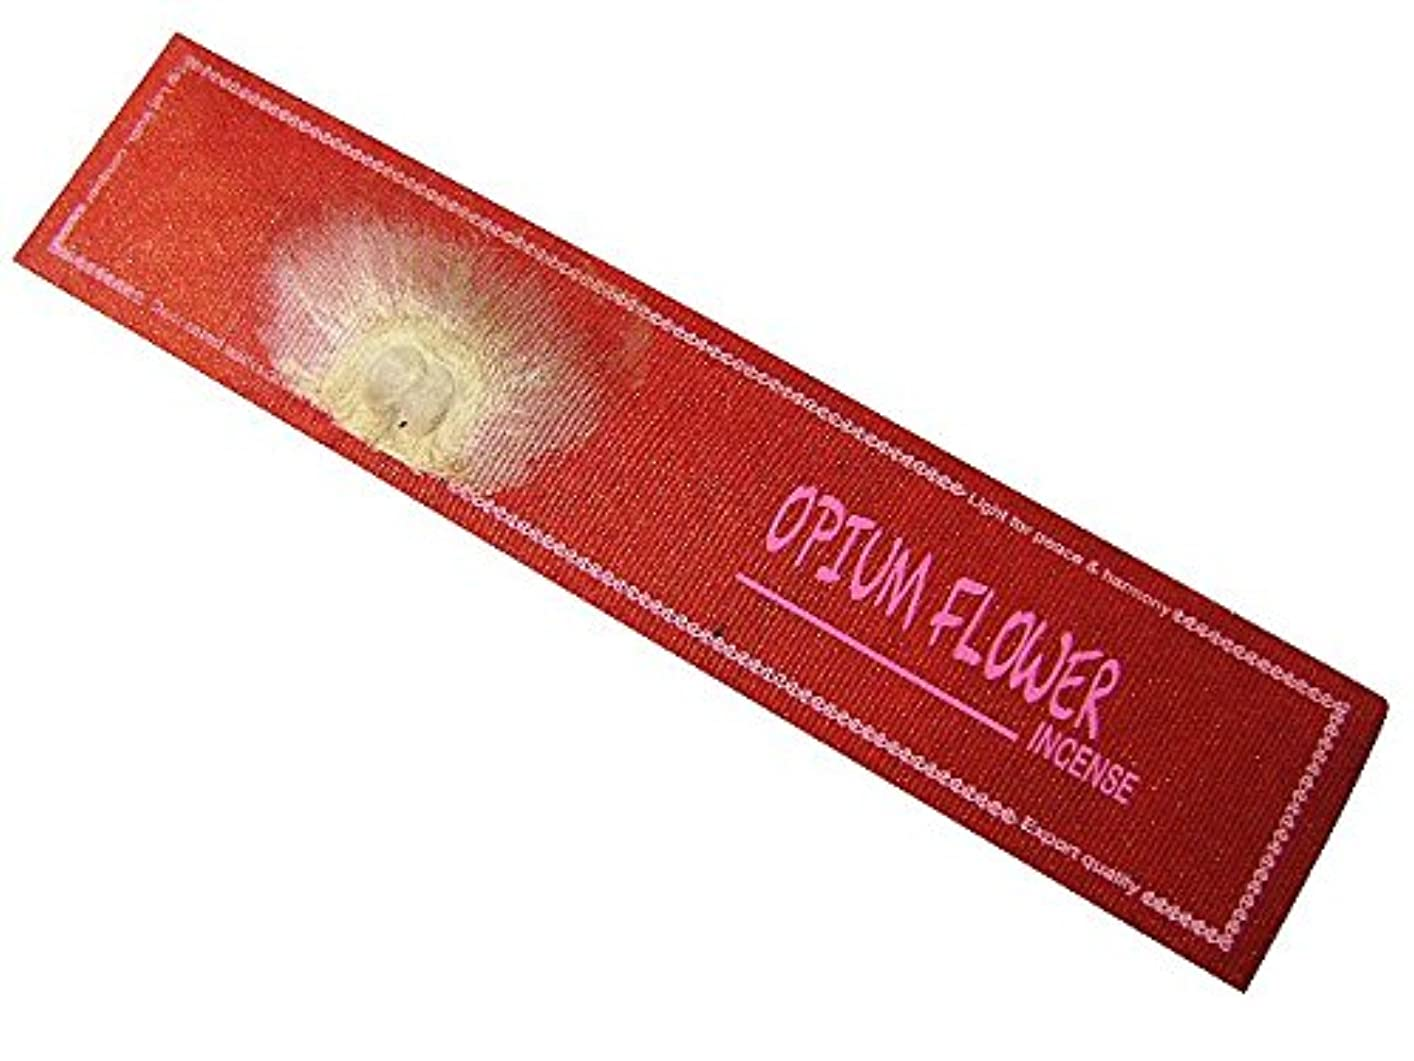 口ひげ祖母不安NEPAL INCENSE ネパールのロクタ紙にヒマラヤの押し花のお香【OPIUM FLOWERオピウムフラワー】 スティック